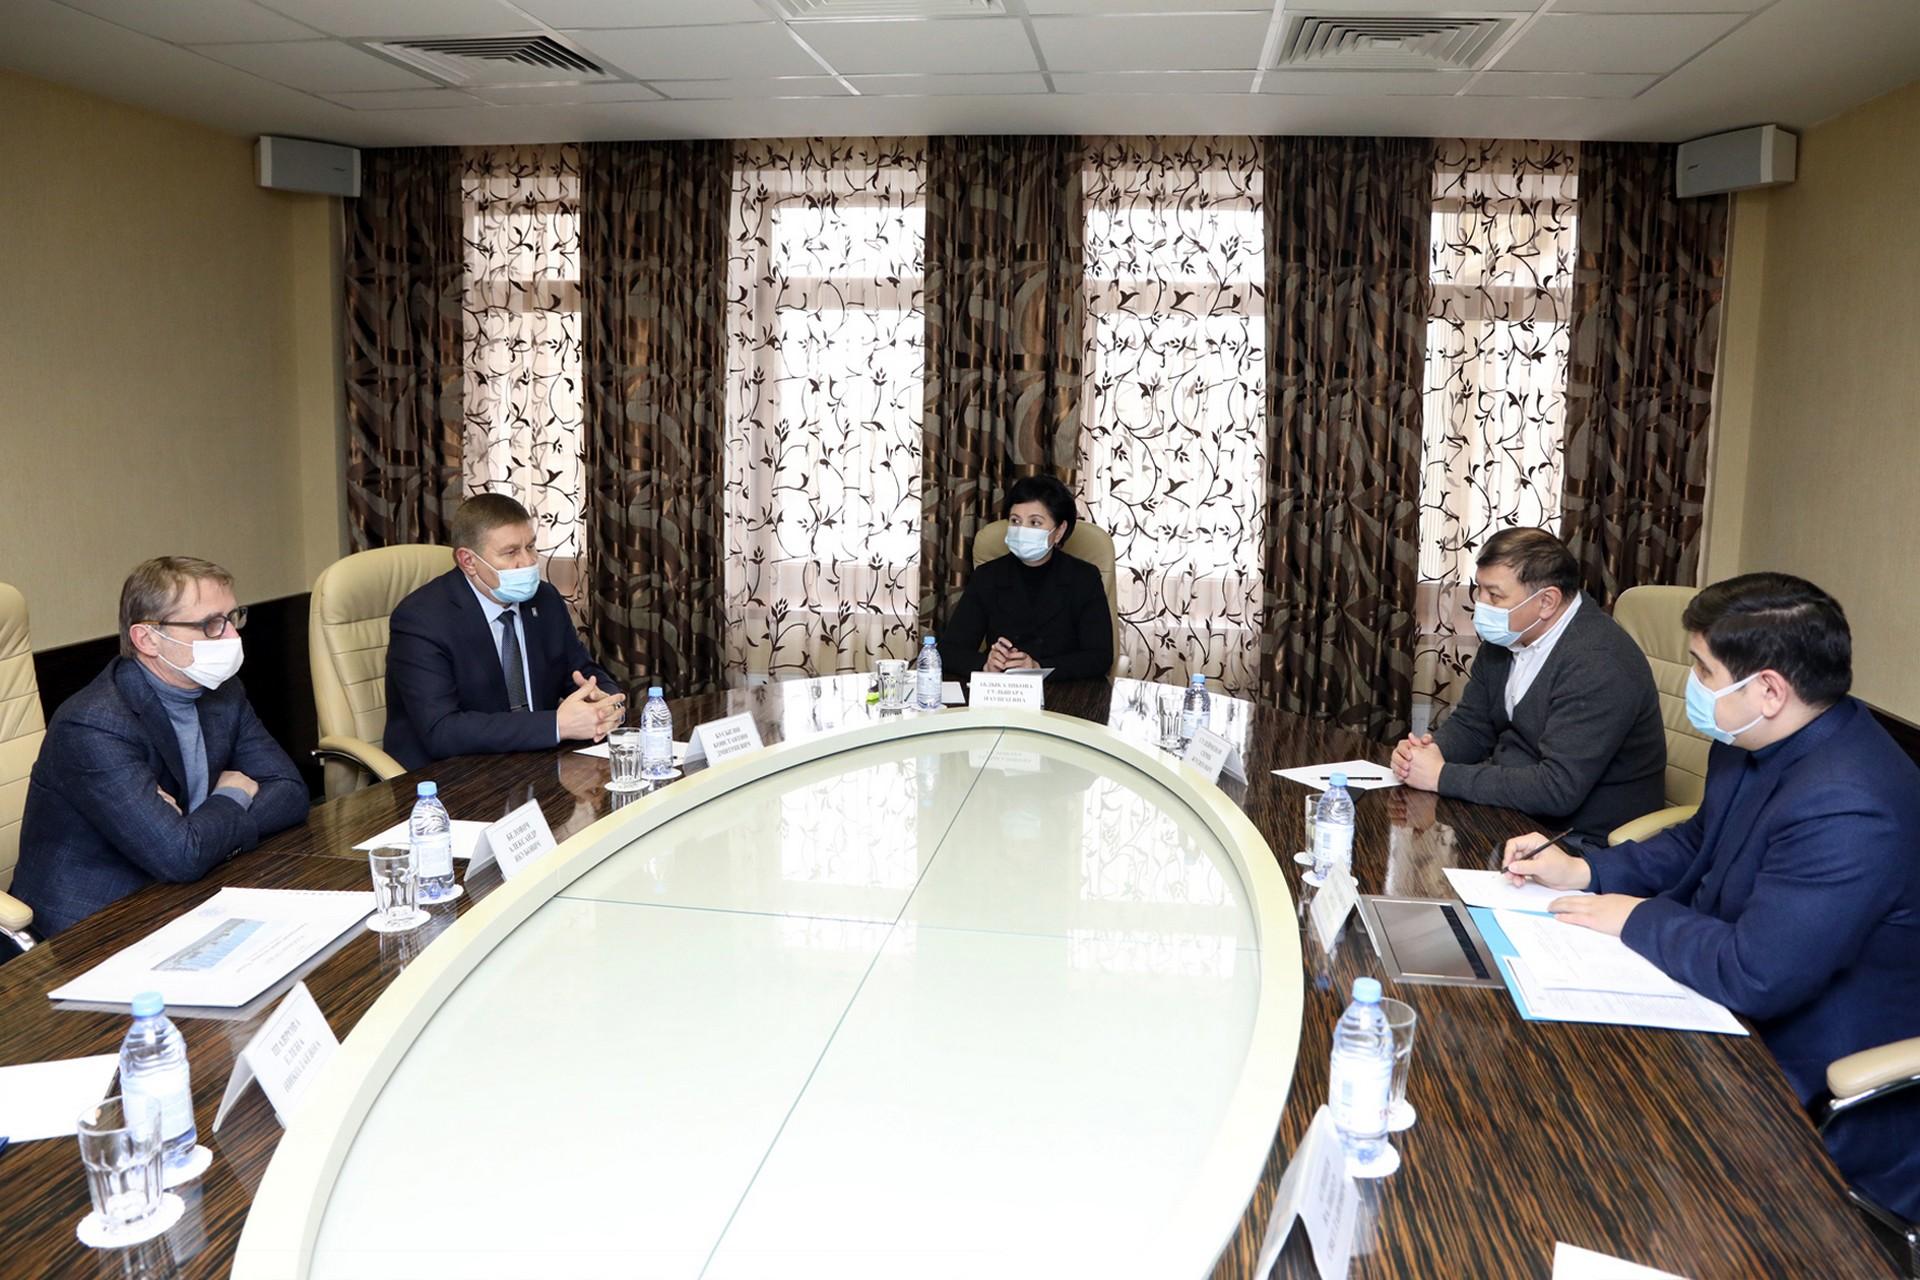 Состоялась рабочая встреча по передаче инвестору гостиницы «Россия» для проведения её реконструкции.